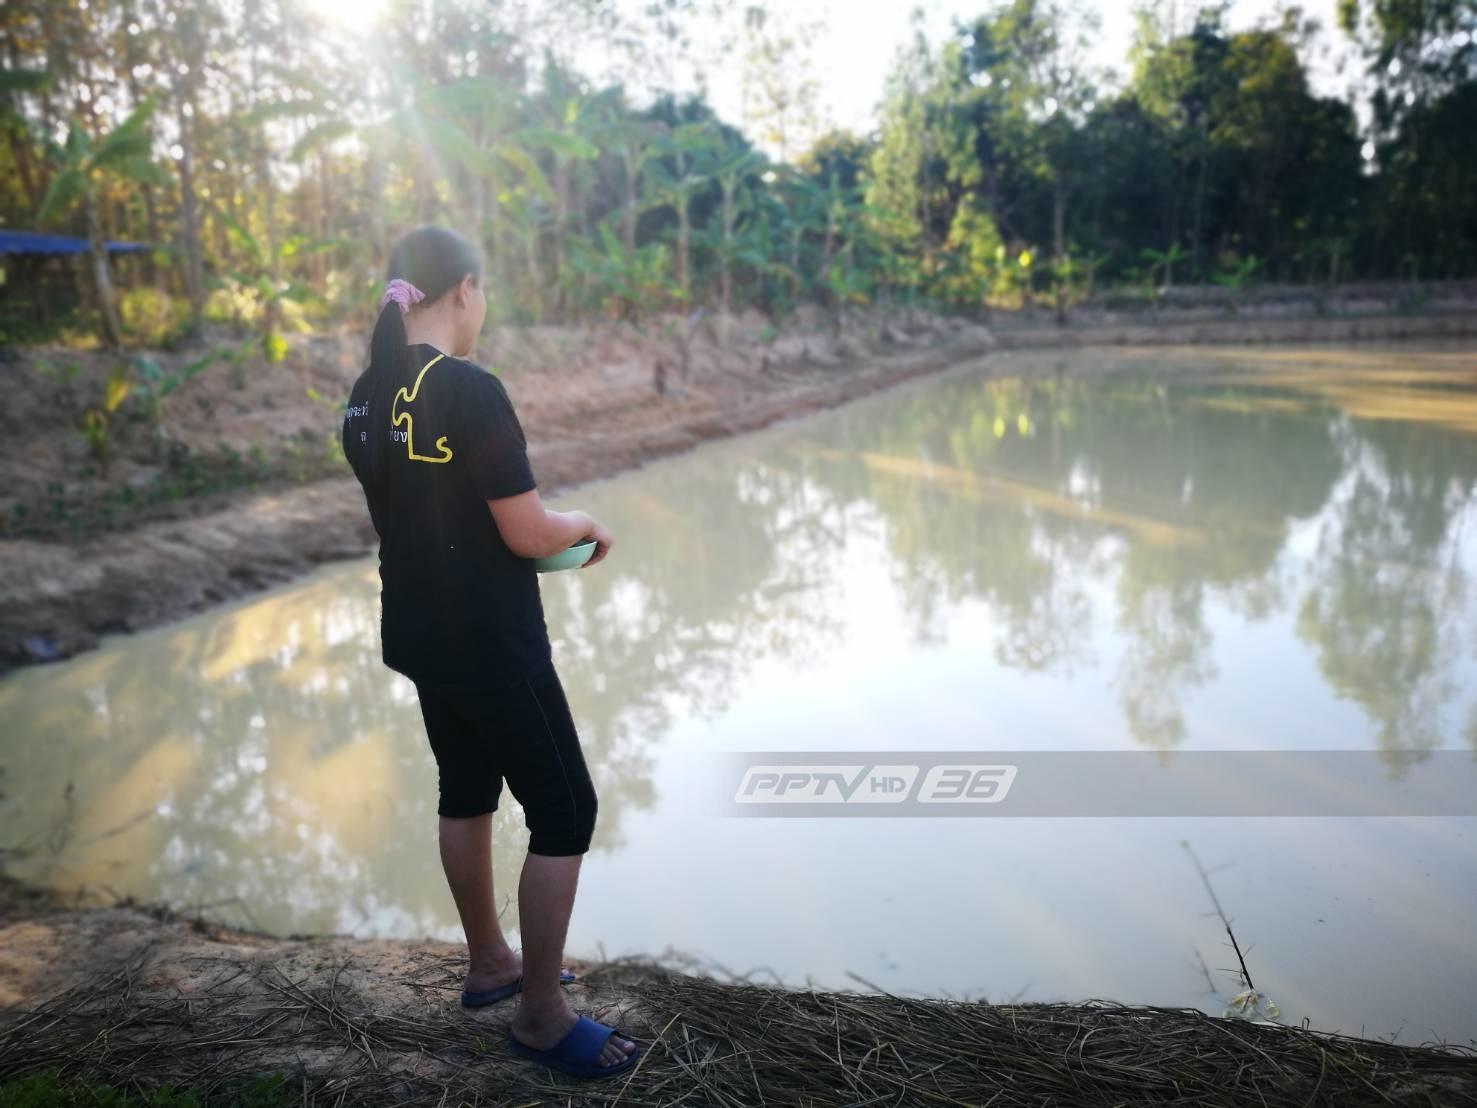 พบอีกแจกปลา 9101 กุฉินารายณ์ เงินไม่ผ่านบัญชีเกษตรกรผู้ประสบภัย